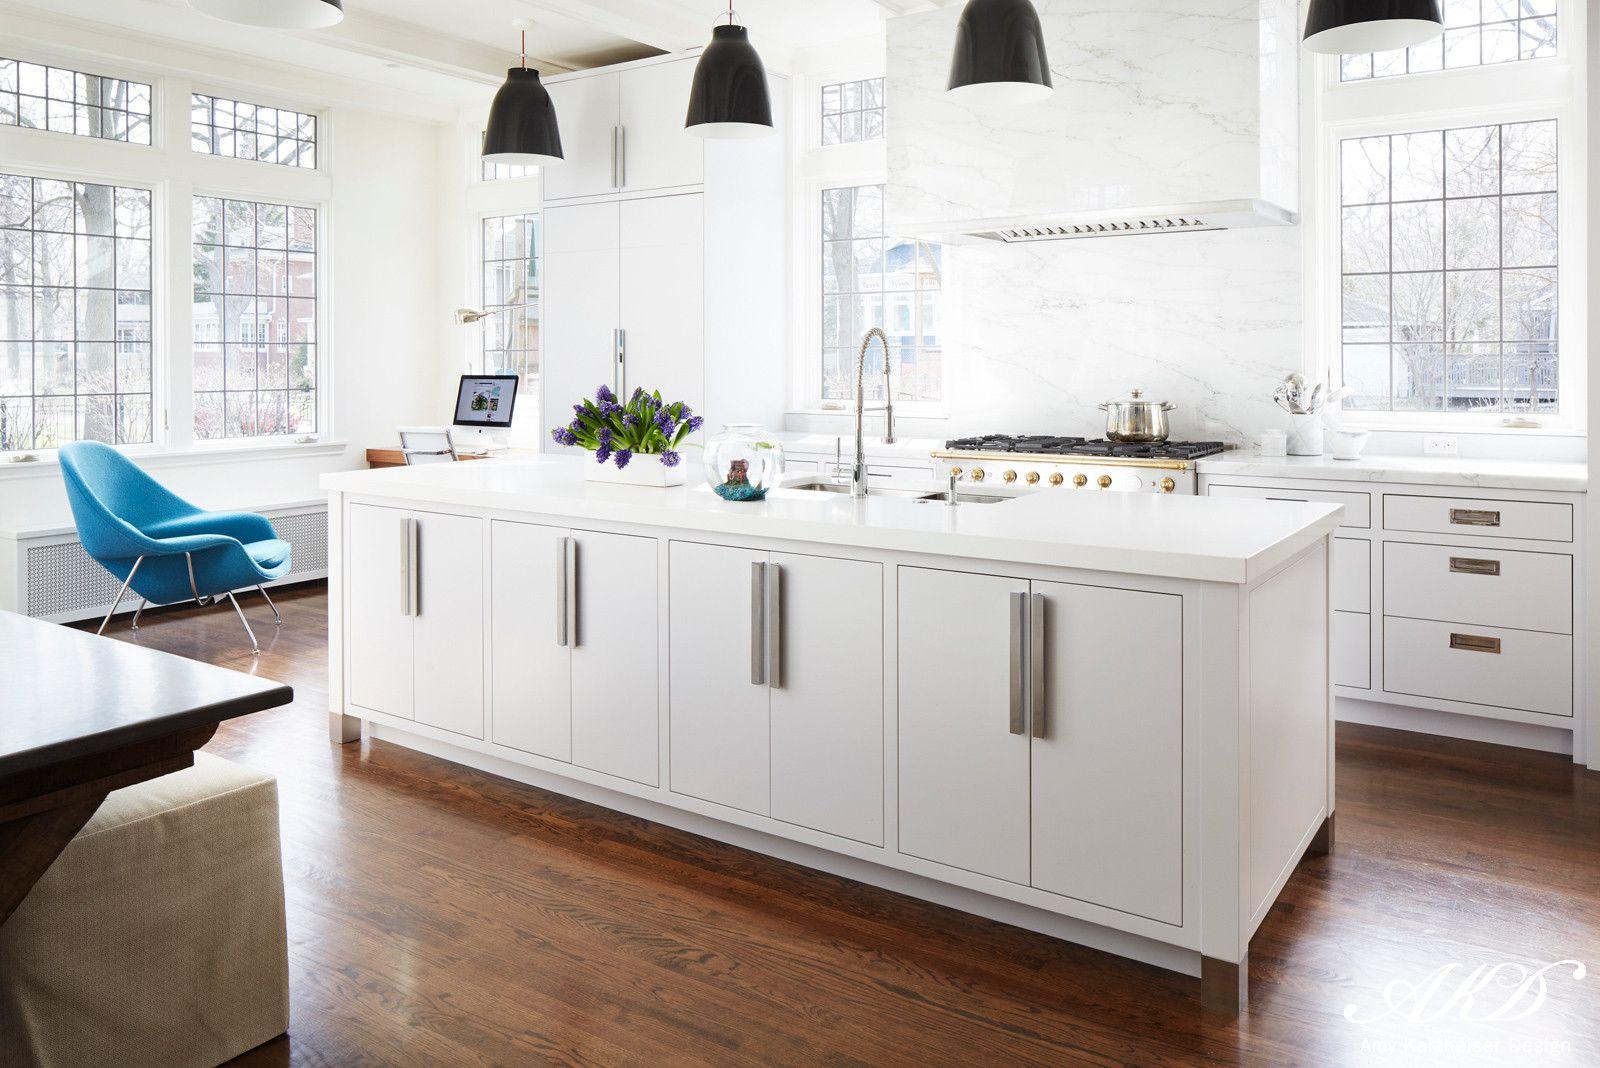 Único Iluminación De La Cocina Inserción Embellecimiento - Ideas de ...